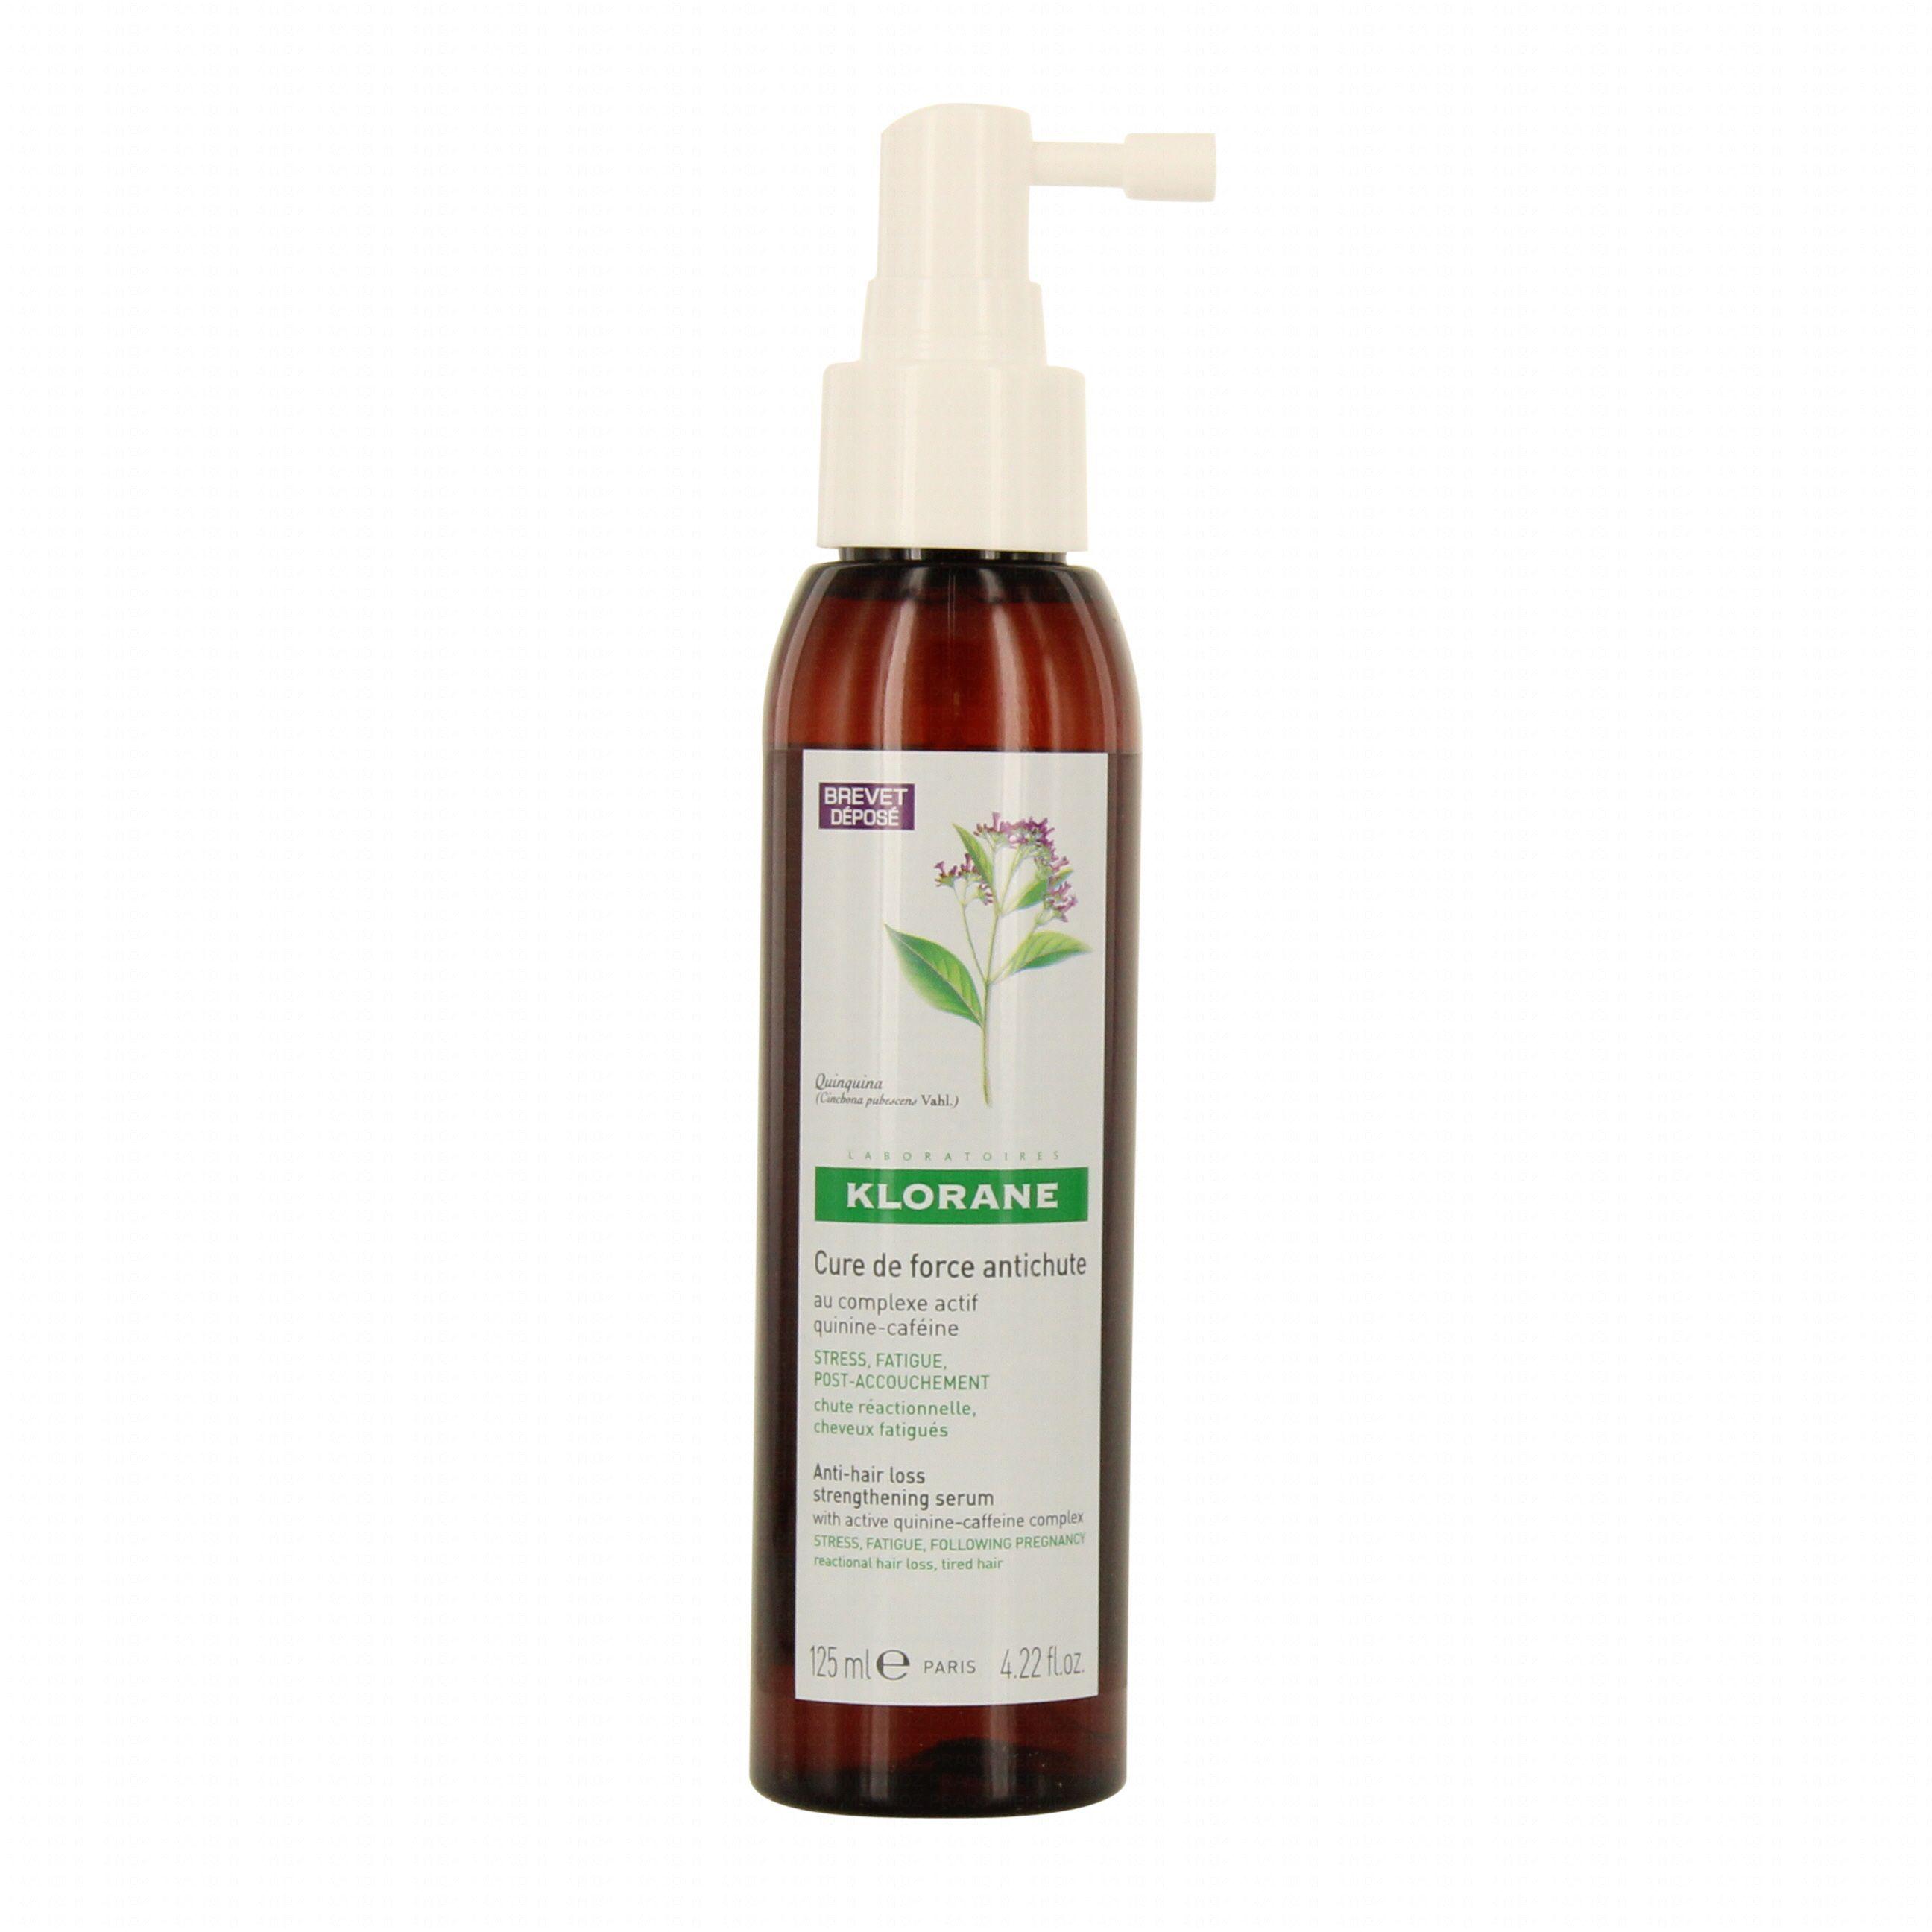 spray pour chute de cheveux